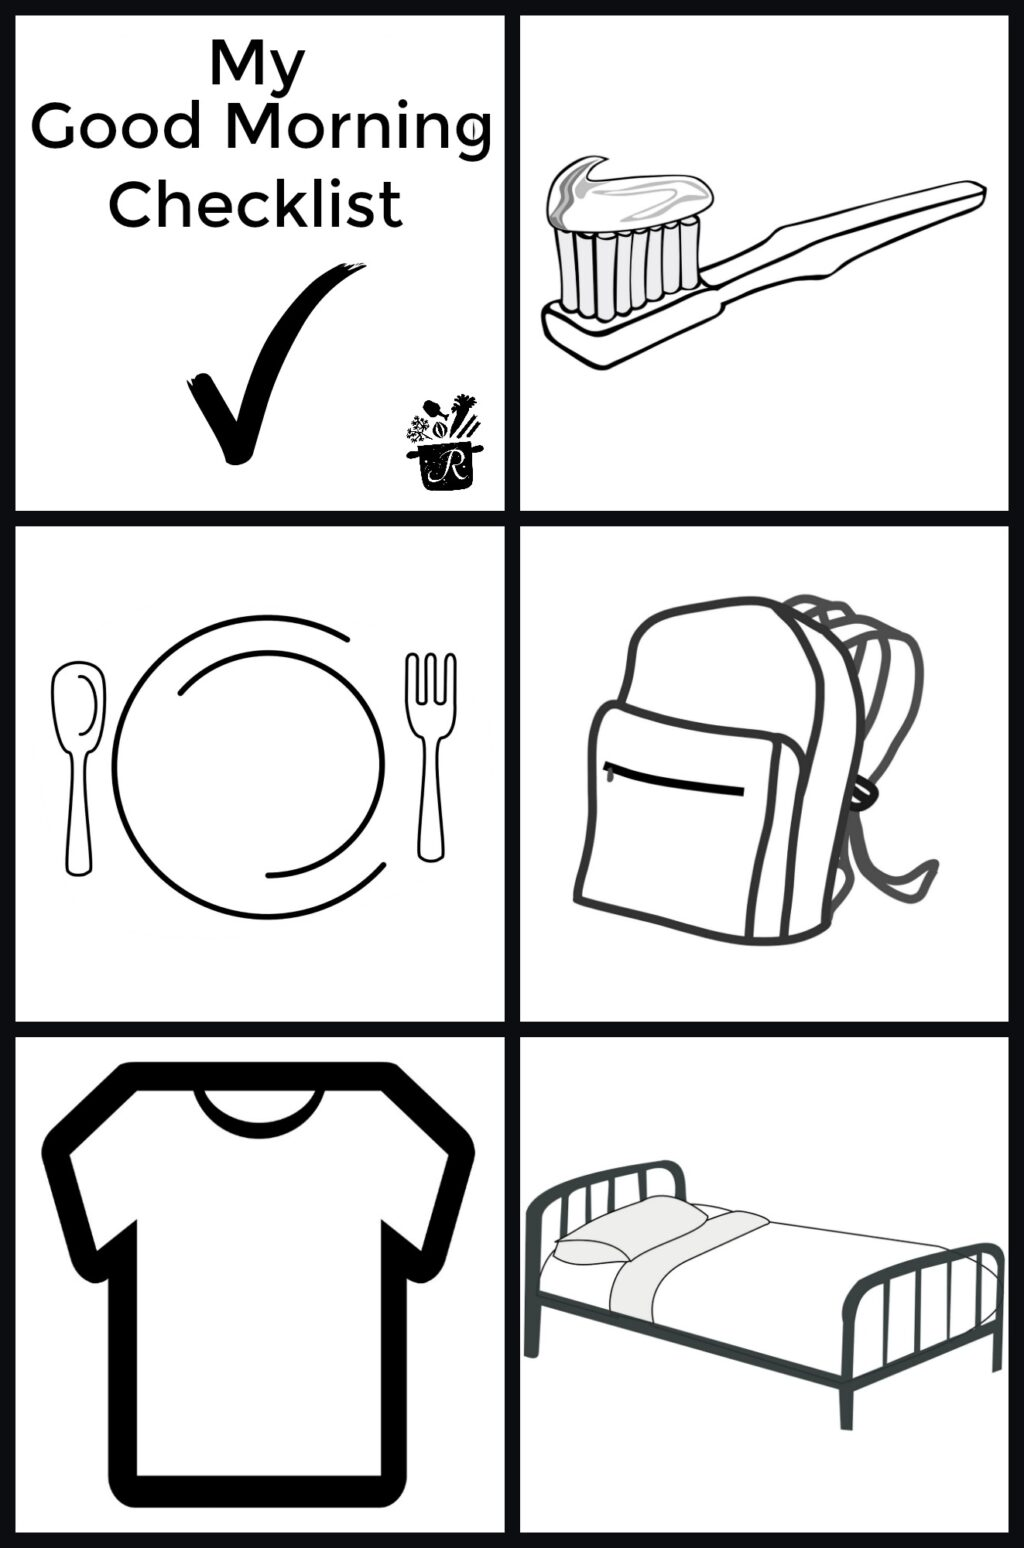 good morning checklist